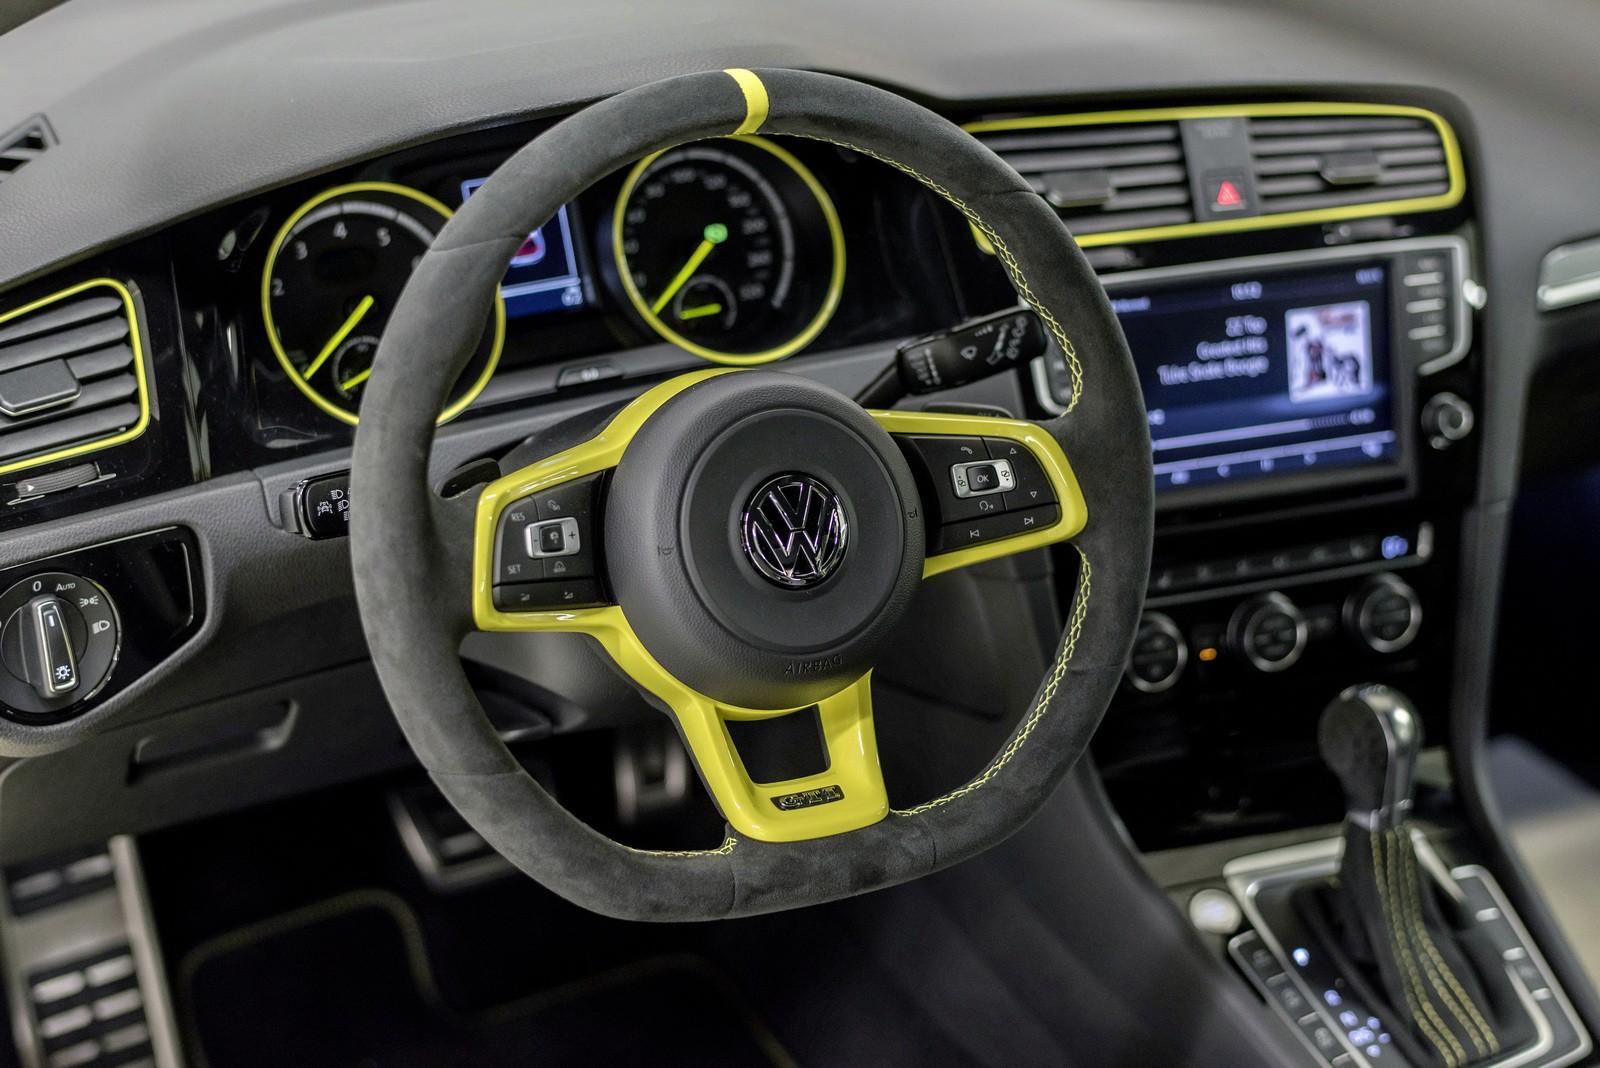 Volkswagen Golf GTI Dark Shine Debuts at Worthersee 2015 - autoevolution